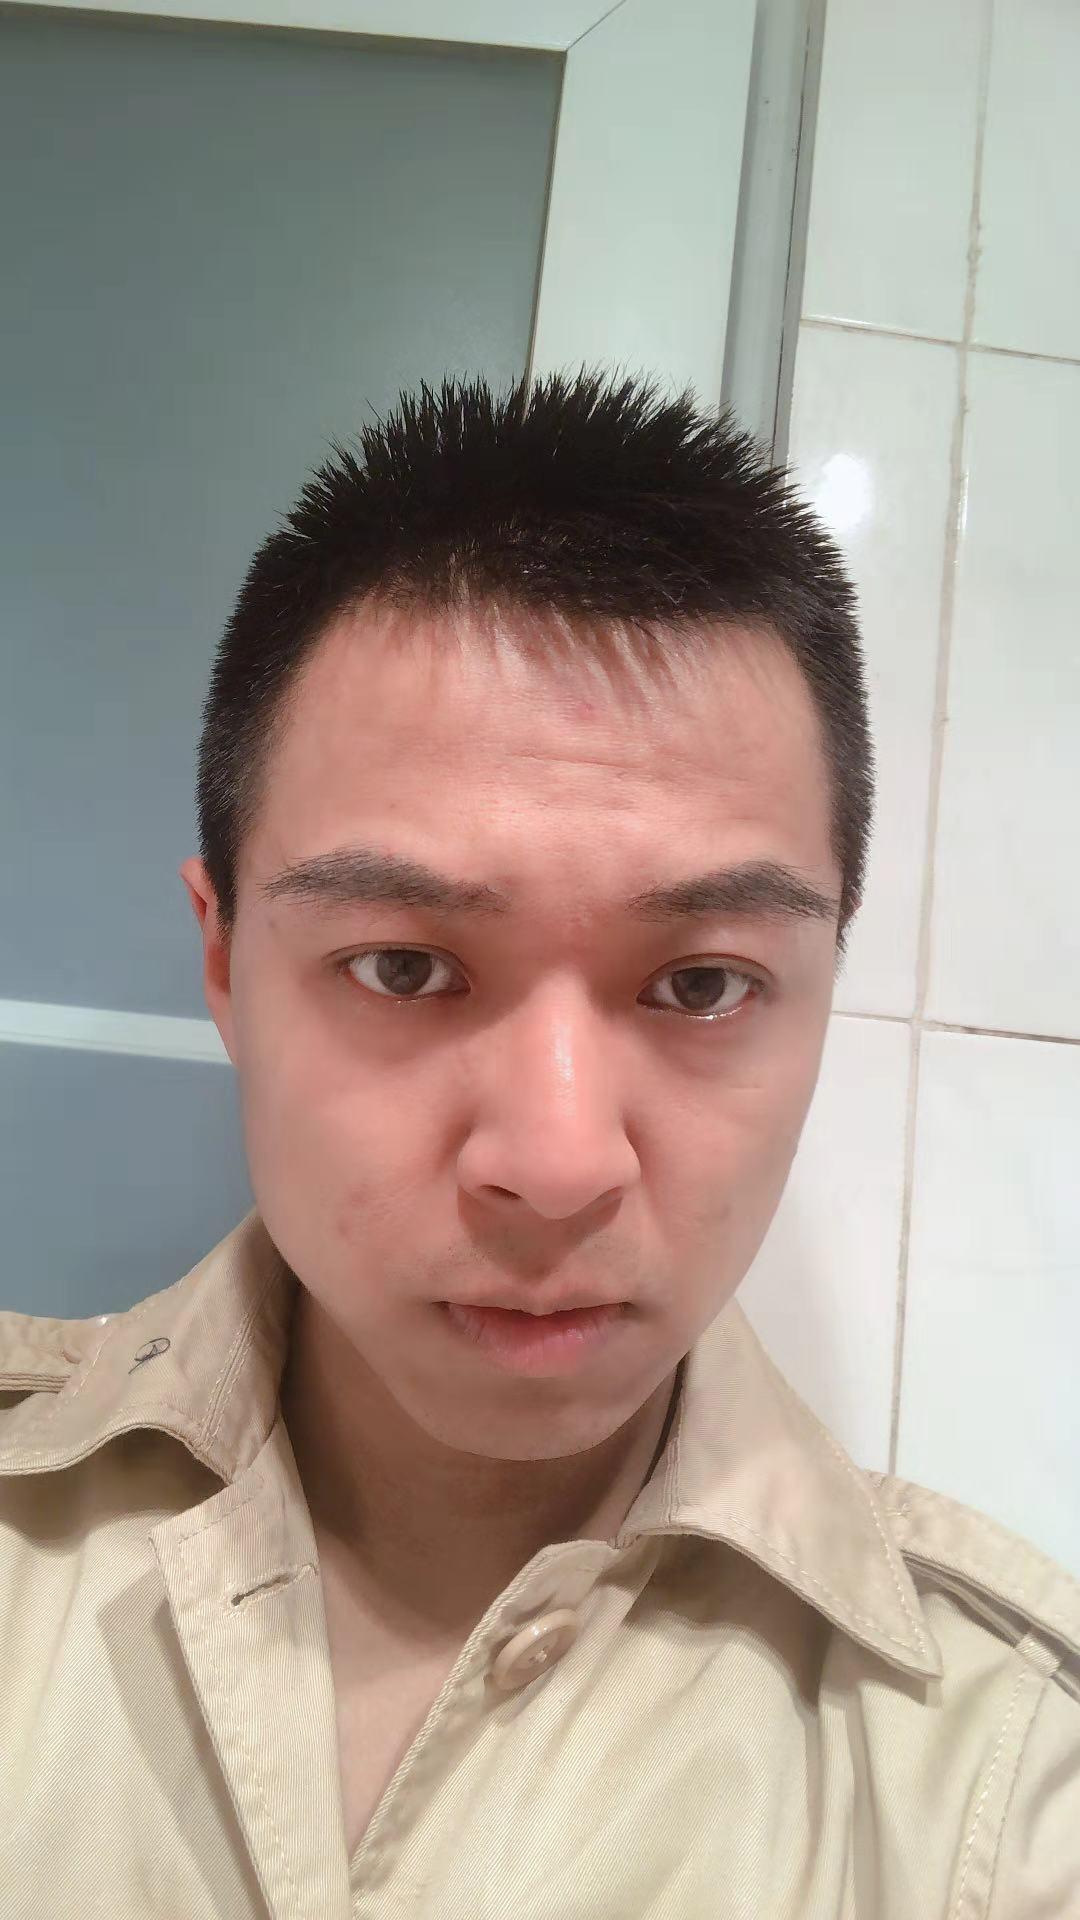 原生纹理眉毛种植 项目分类:植发养发 种眉毛